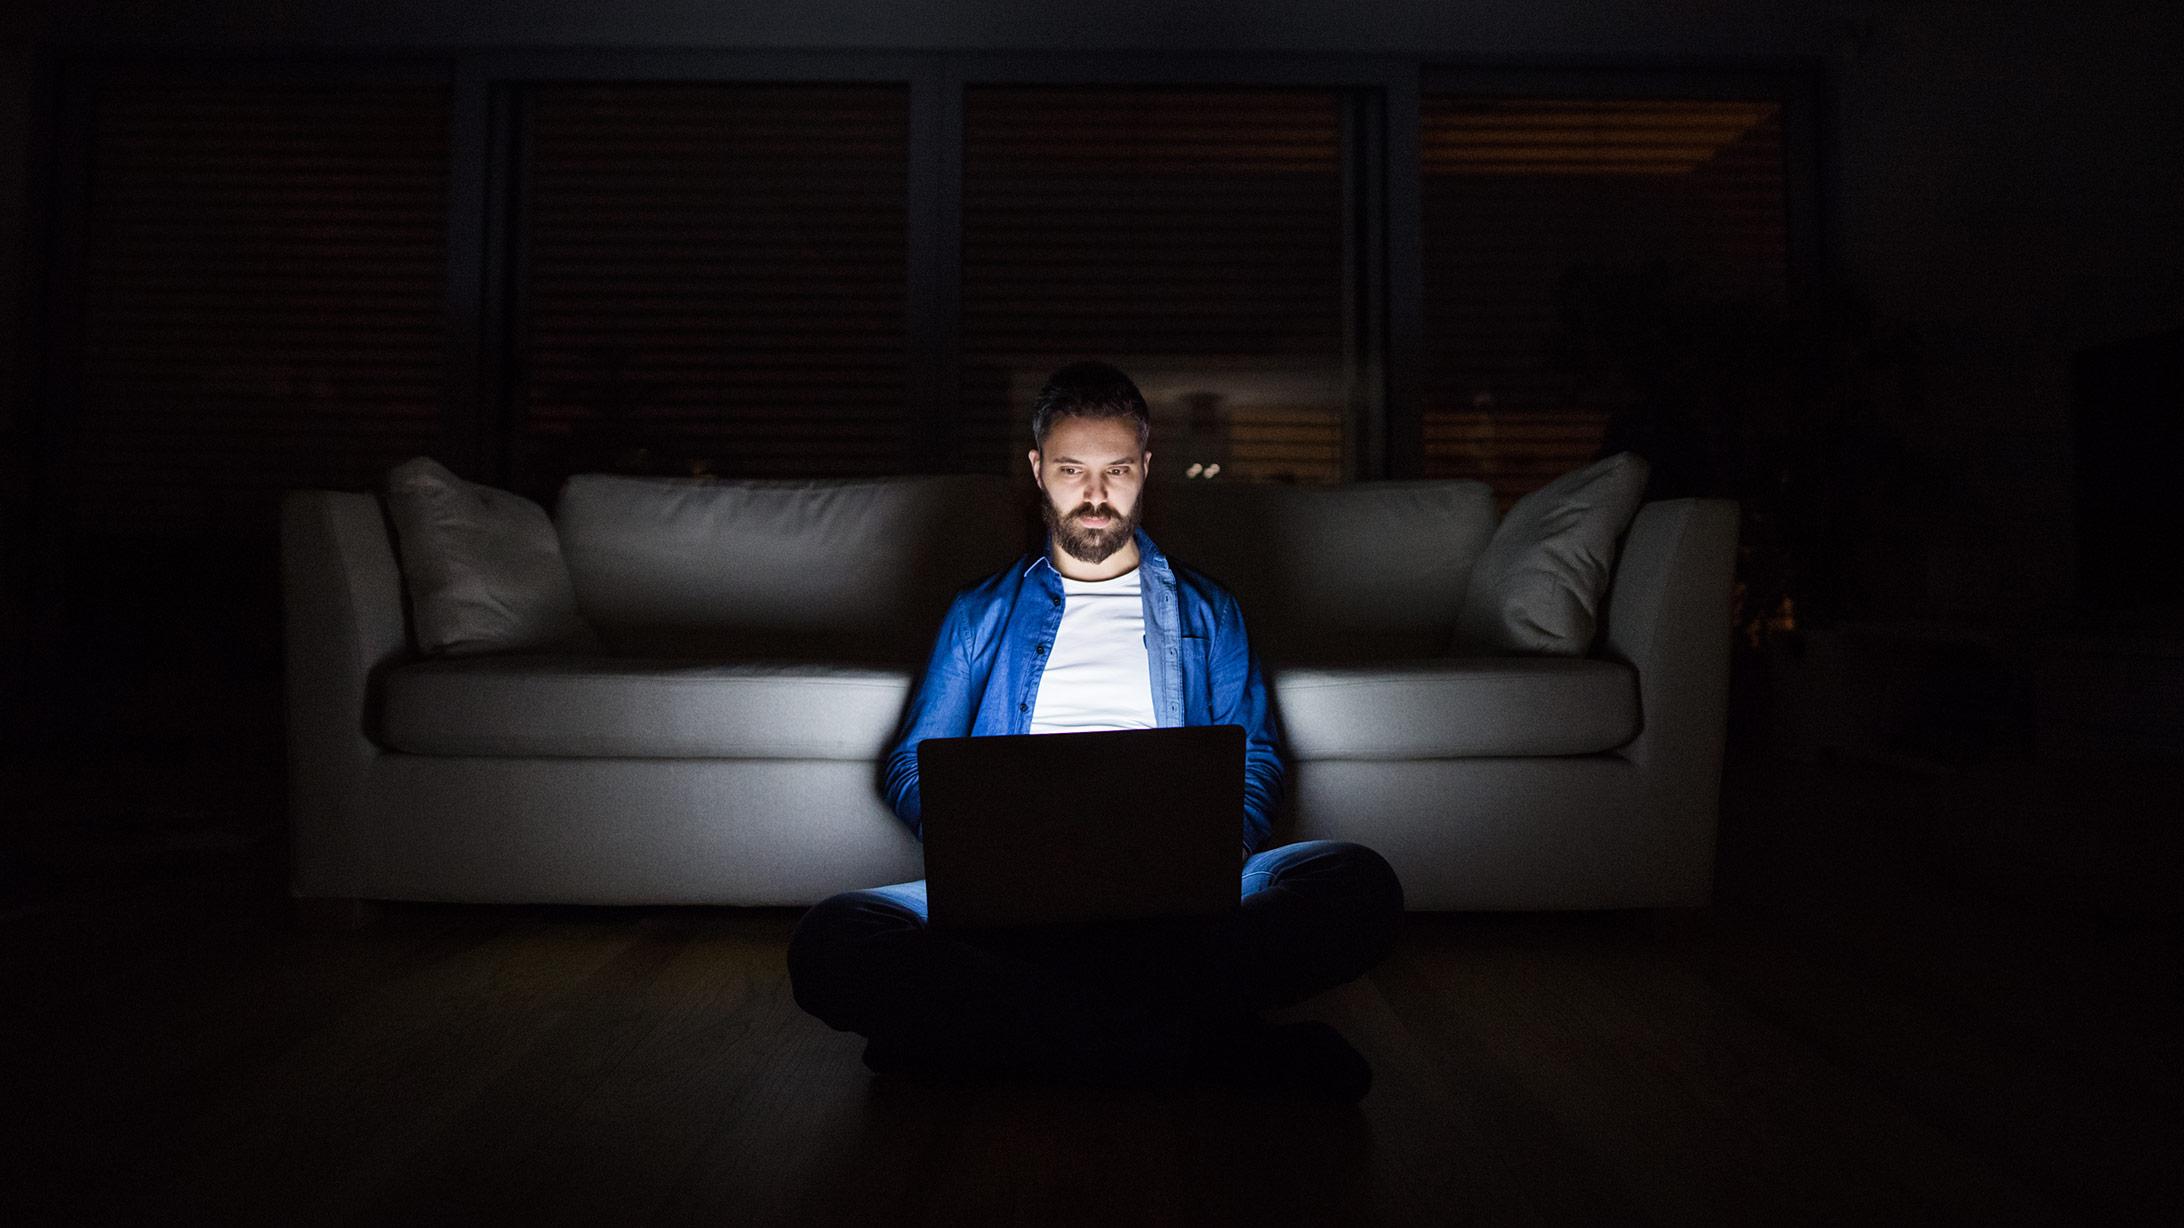 ein mann sitzt im dunkeln, sein laptopt ist die einzige lichtquelle